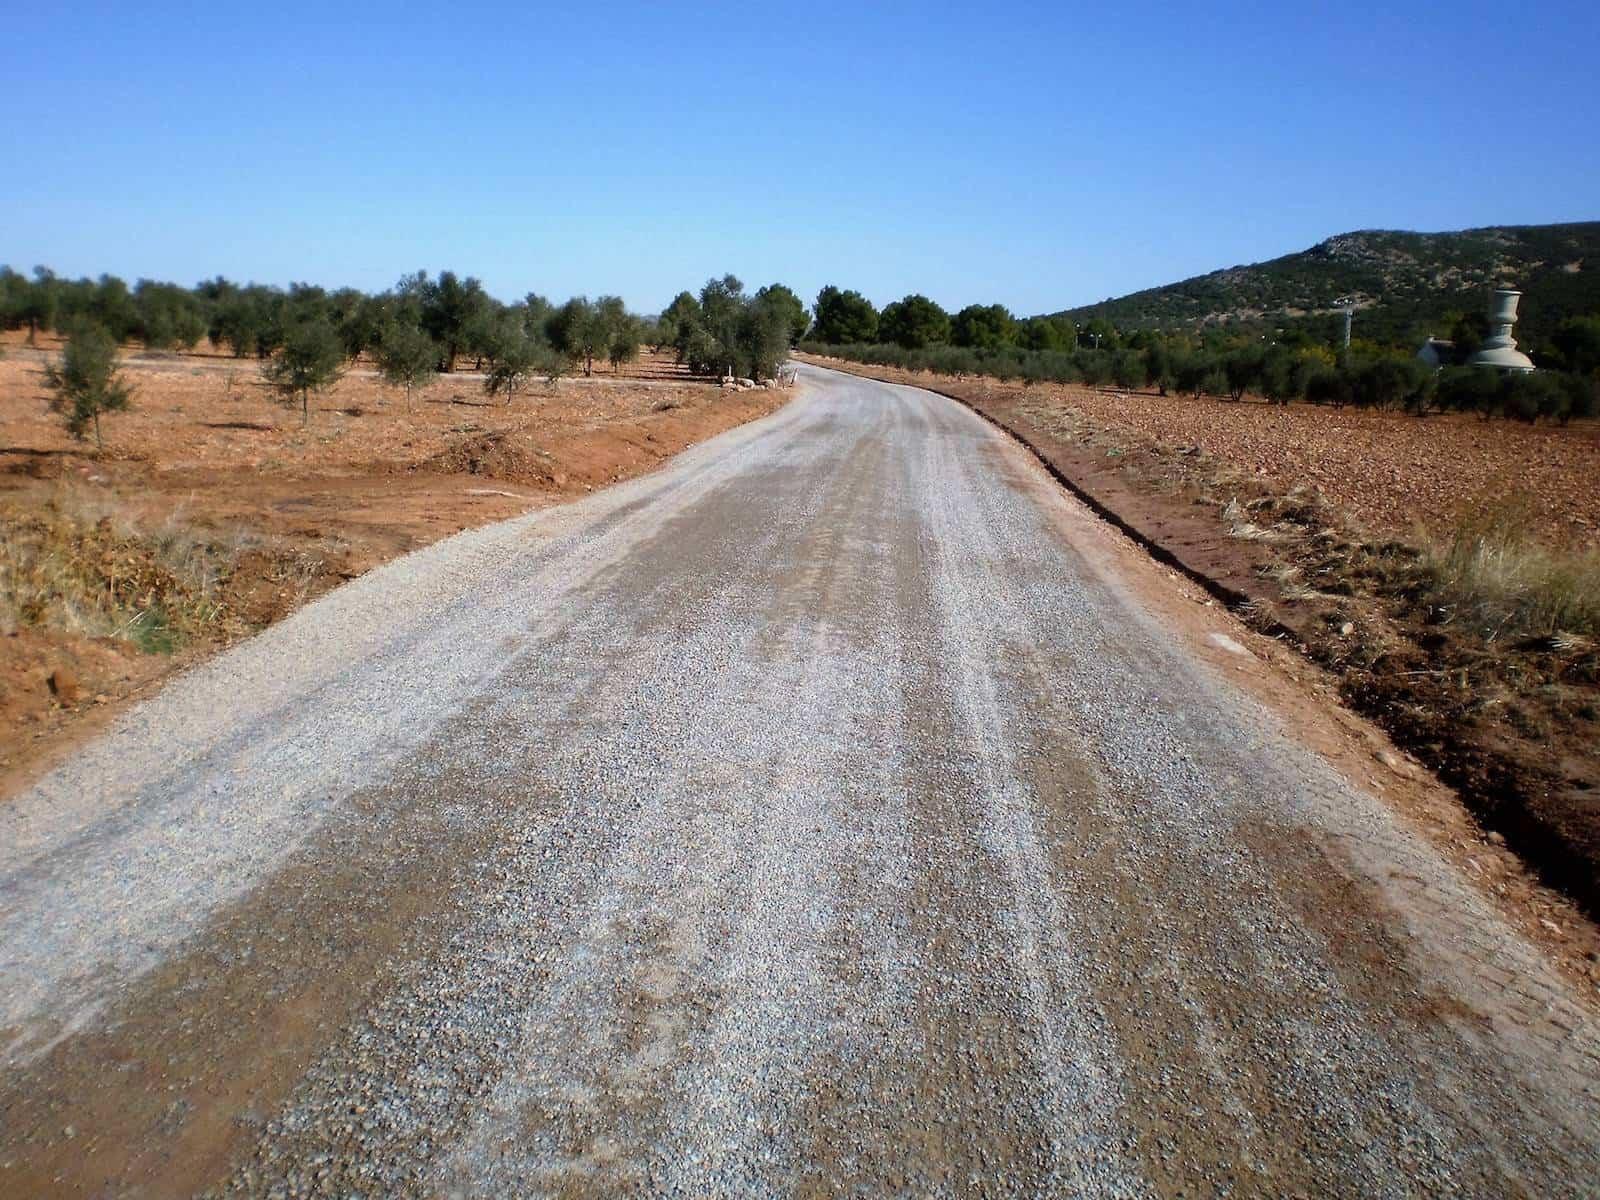 arreglo de caminos en herencia ciudad real - Acondicionados 11 kilómetros de caminos rurales en Herencia